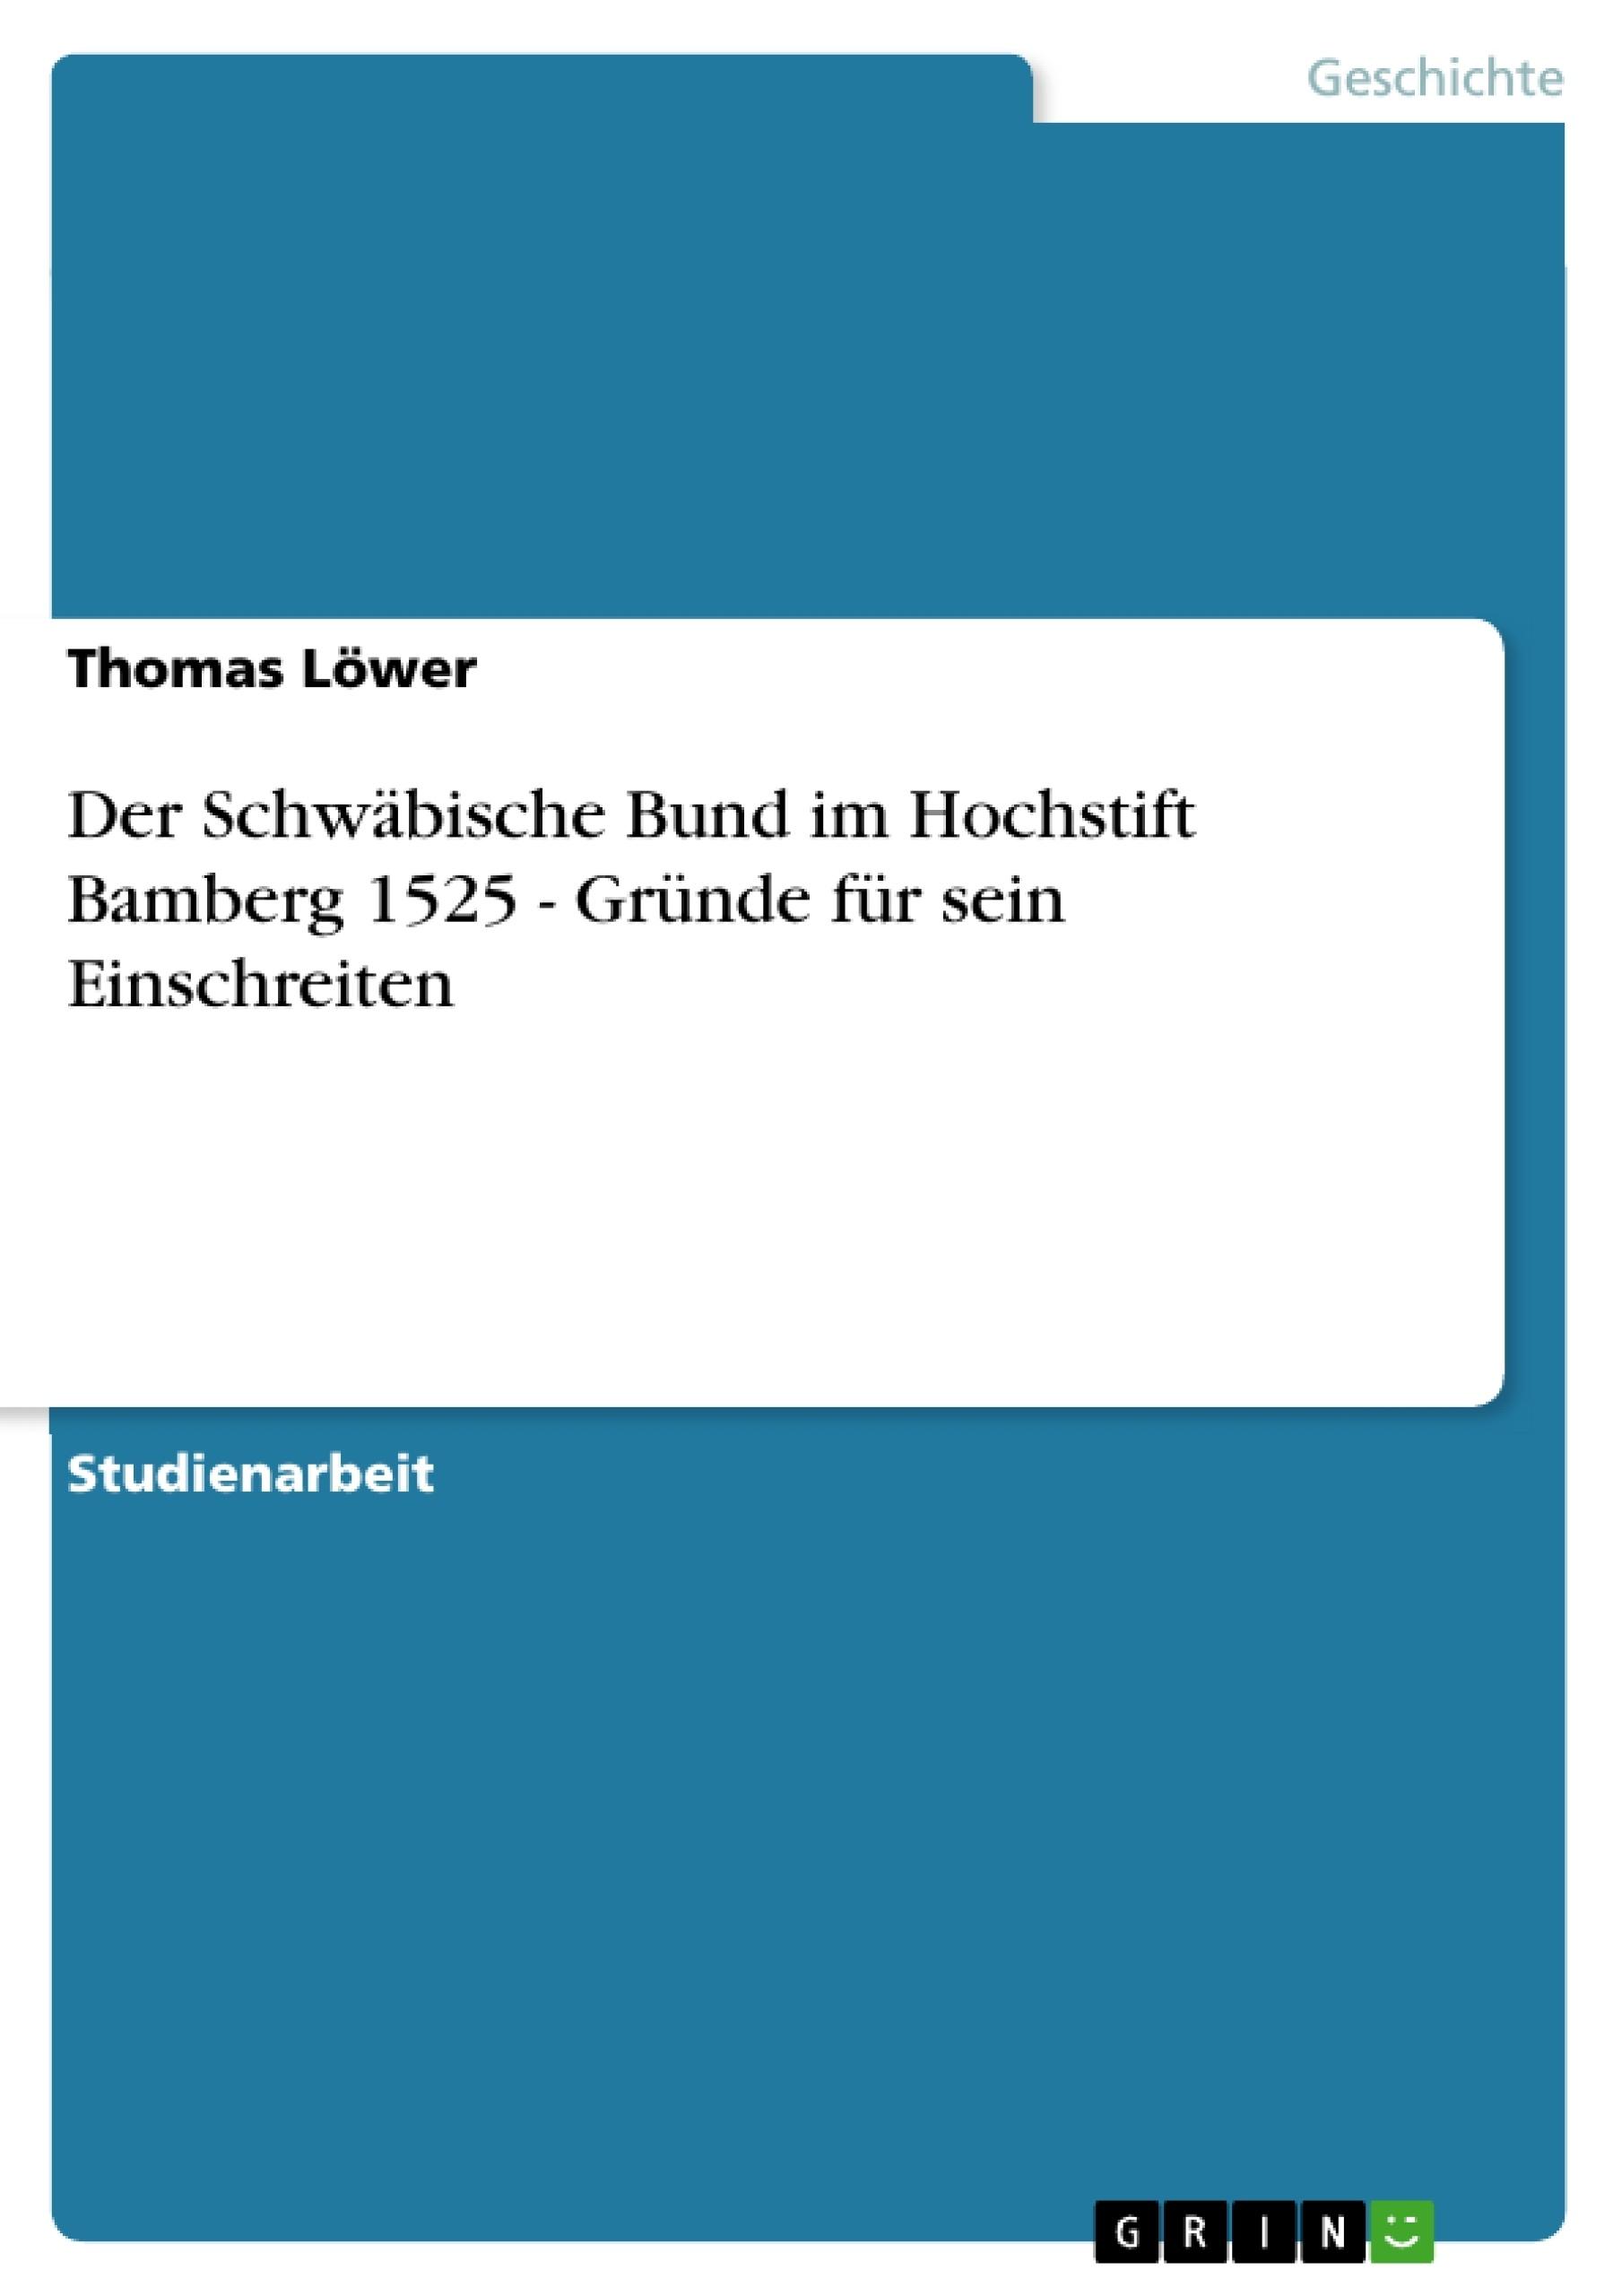 Titel: Der Schwäbische Bund im Hochstift Bamberg 1525 -  Gründe für sein Einschreiten